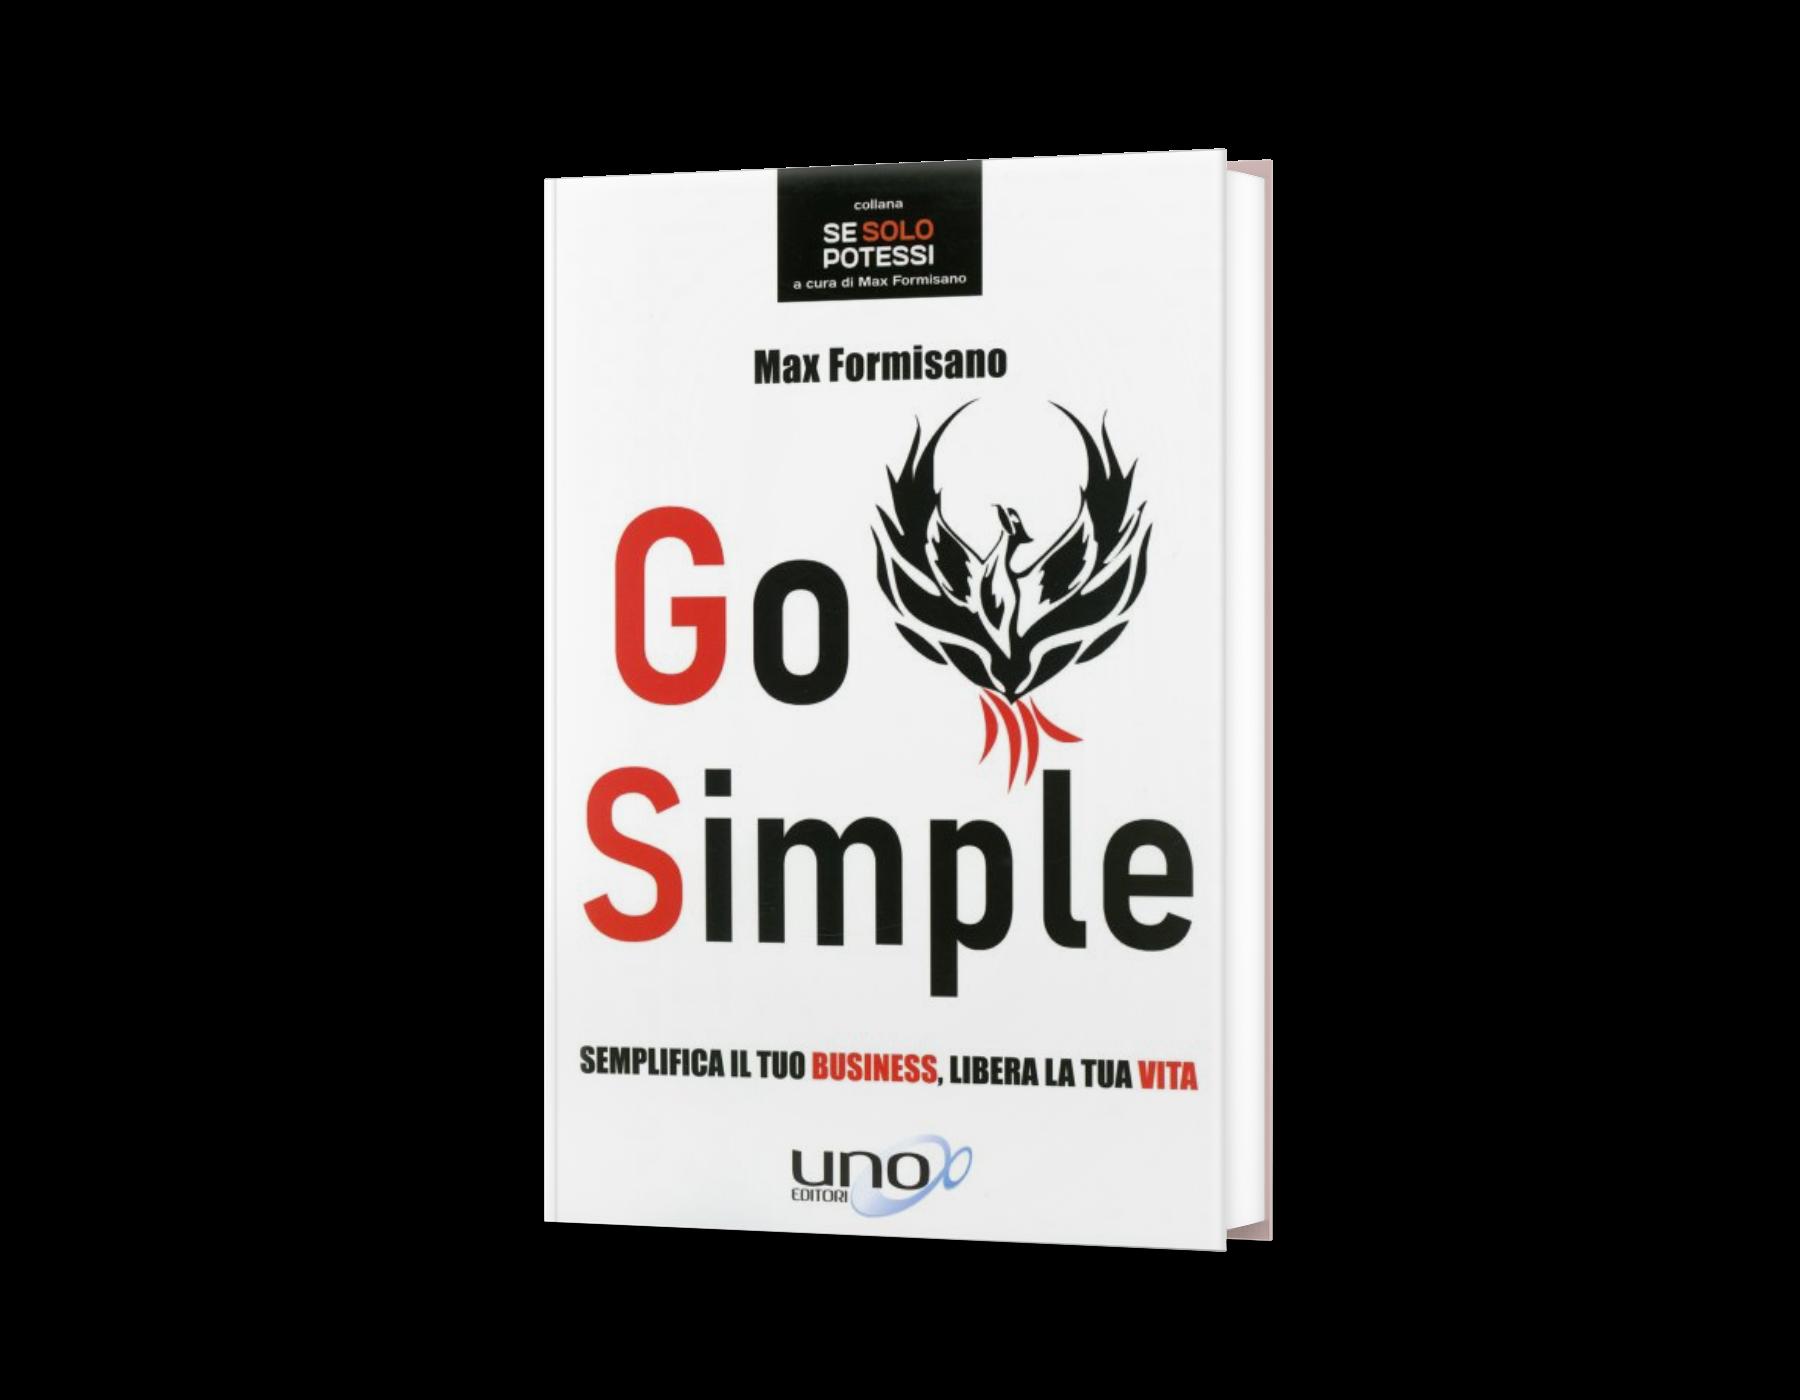 Go Simple - Semplifica il tuo business, libera la tua vita. Max Formisano